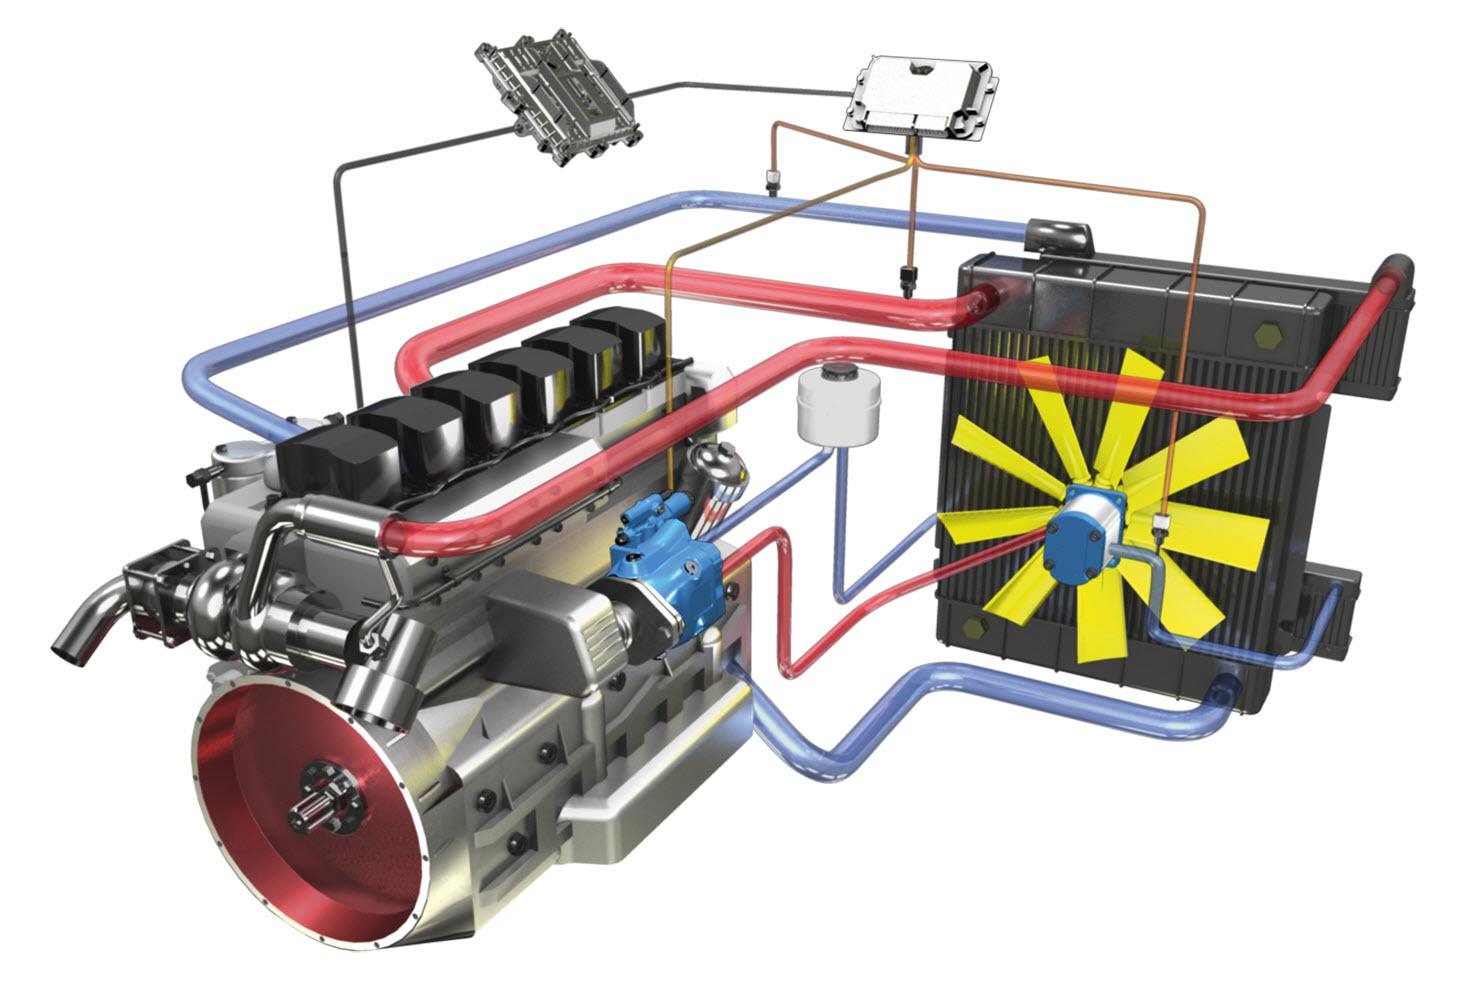 Układ zasilania realizowany jest przez pompę tłokową osiową typu A10VO o zmiennej wydajności z regulatorem ciśnienia ED. Elektrohydrauliczny regulator pompy steruje ciśnieniem systemowym w zależności od prądu zadawanego na elektromagnes zaworu ze sterownika RC. Kompaktowa konstrukcja pompy A10VO umożliwia dogodną zabudowę na silniku spalinowym nawet przy ograniczonej przestrzeni montażu